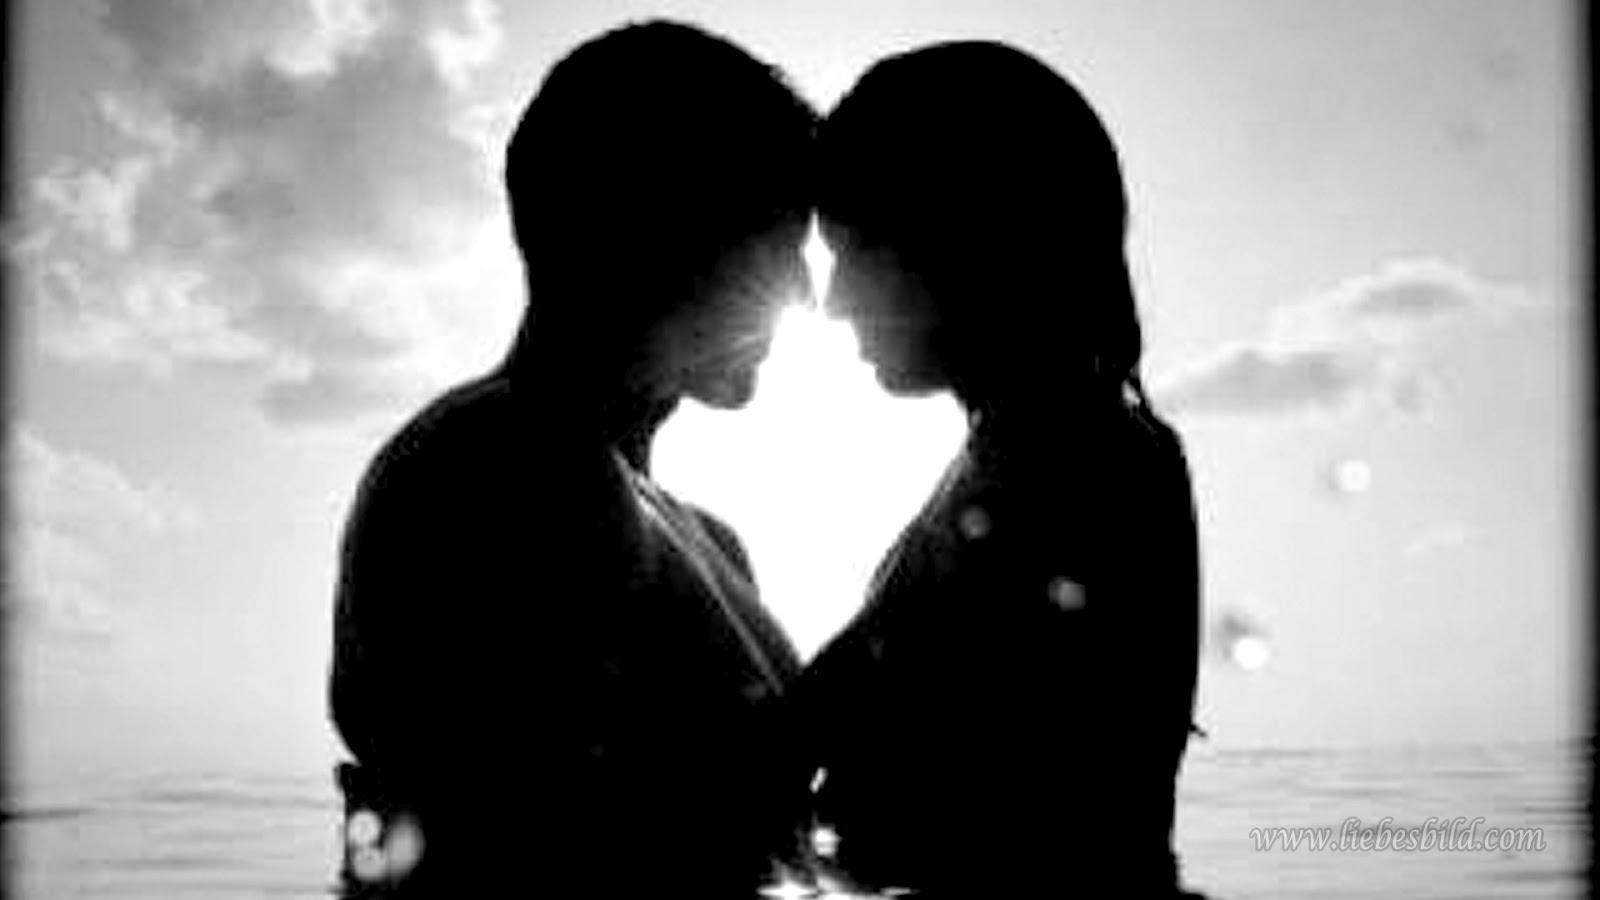 liebesbilder und liebesspr che liebespaar hd bilder